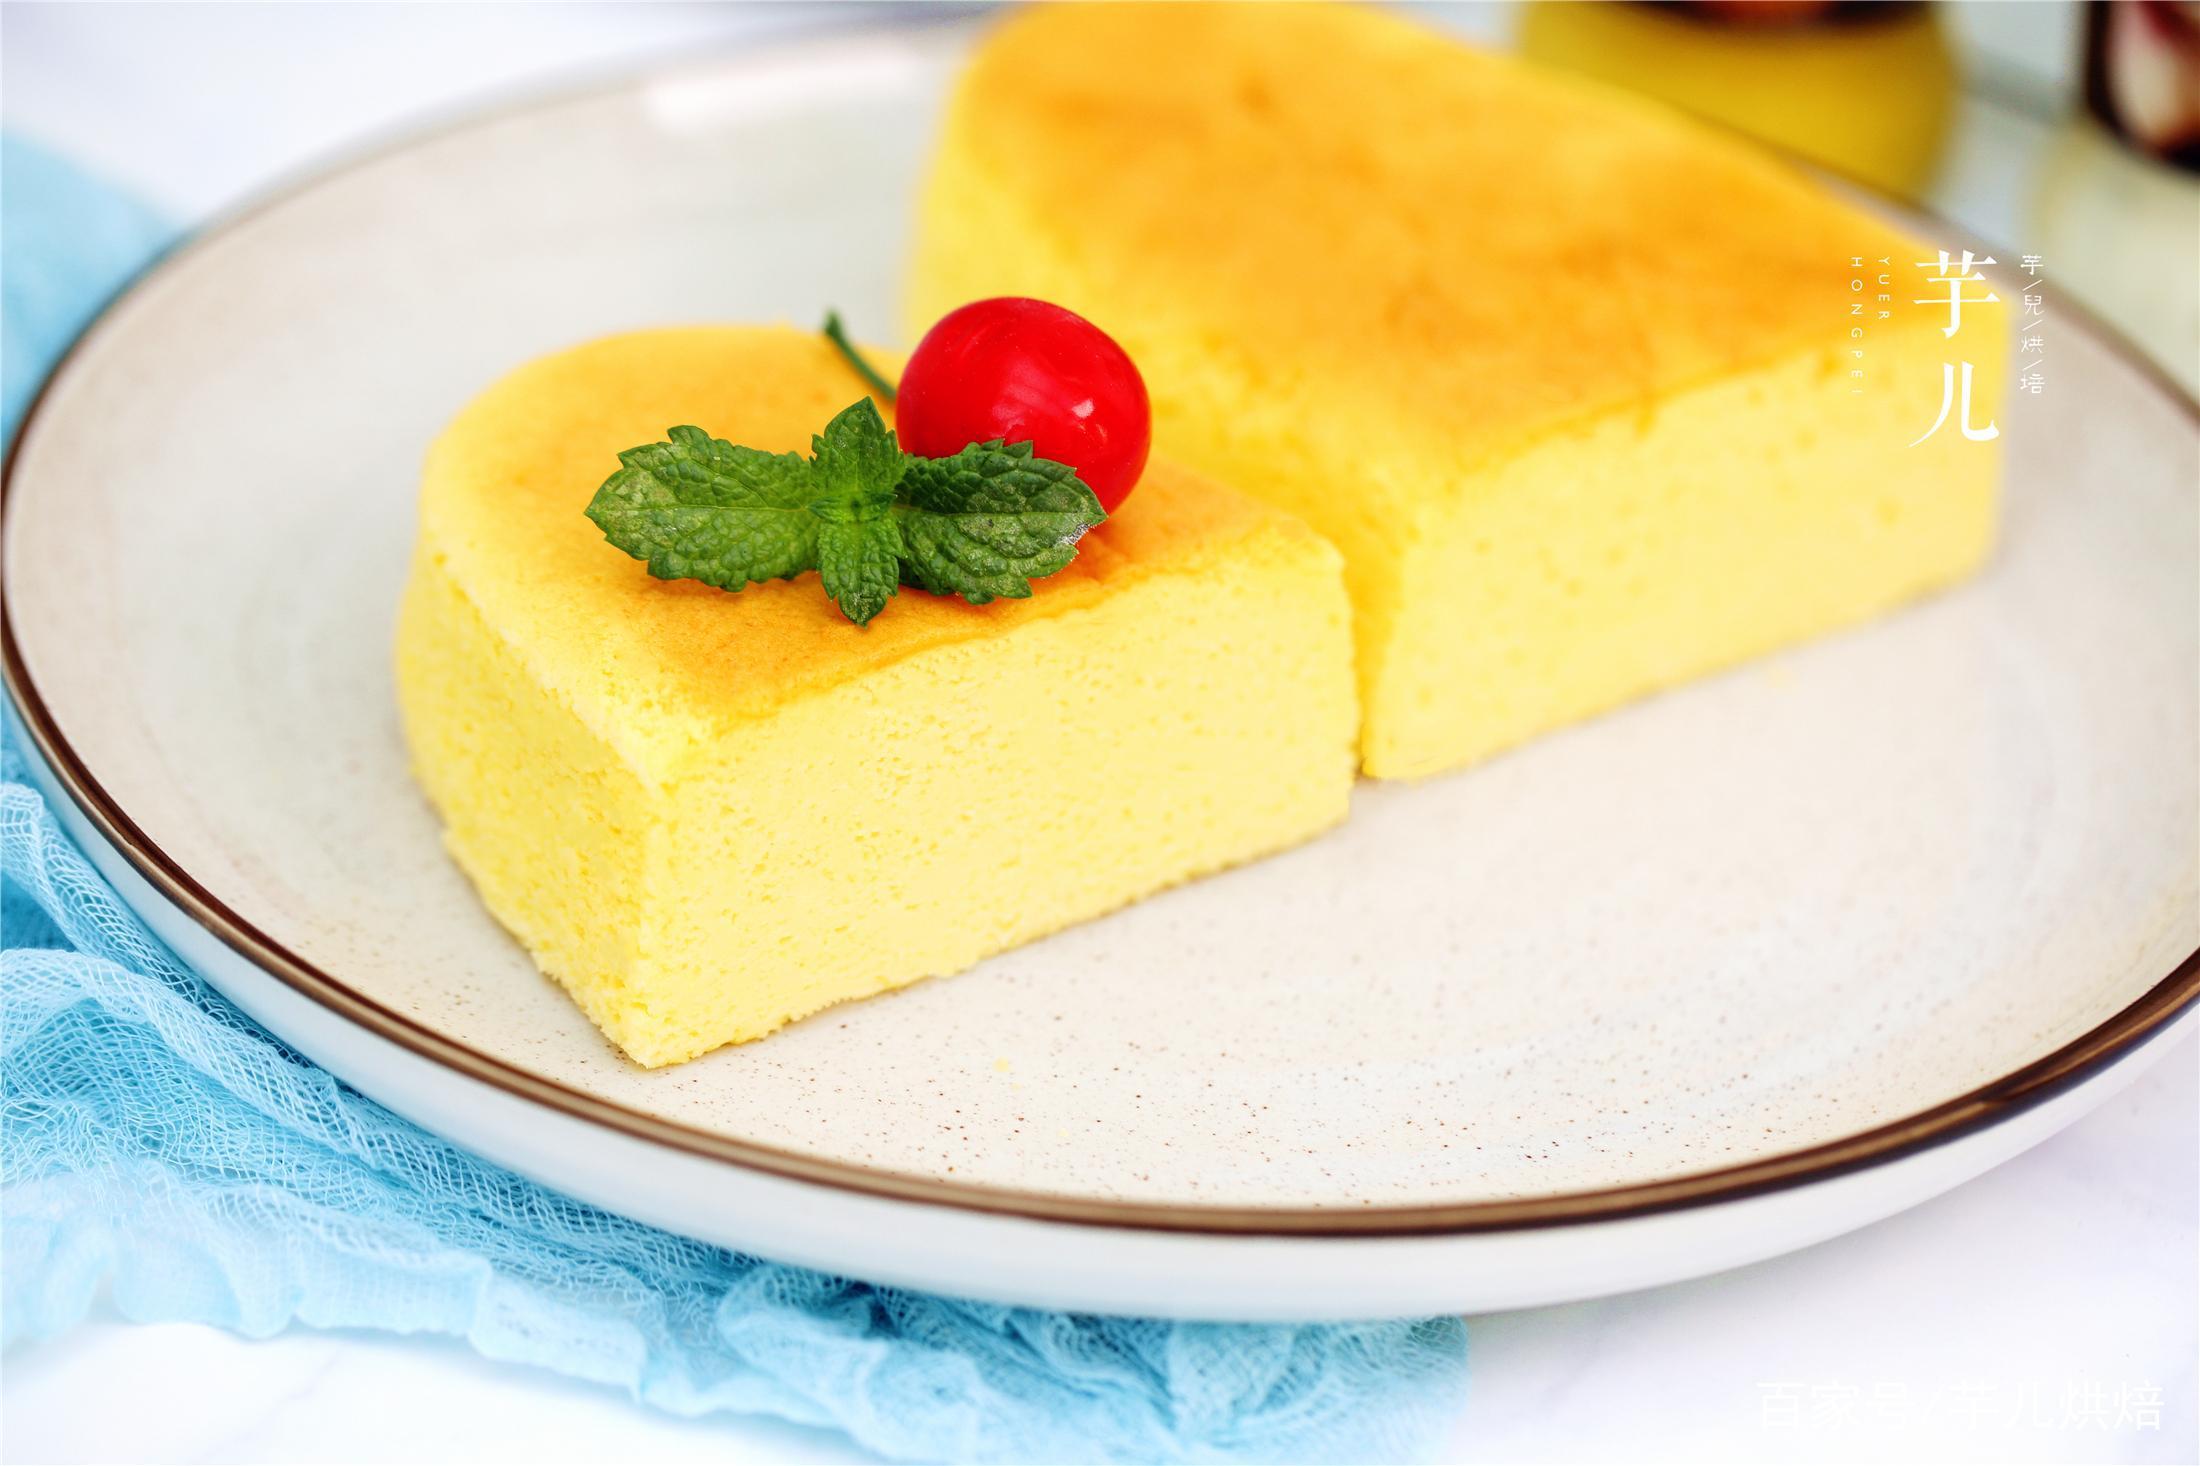 教你日式轻芝士蛋糕,不开裂不回缩的秘诀,超完美配方,一次成功